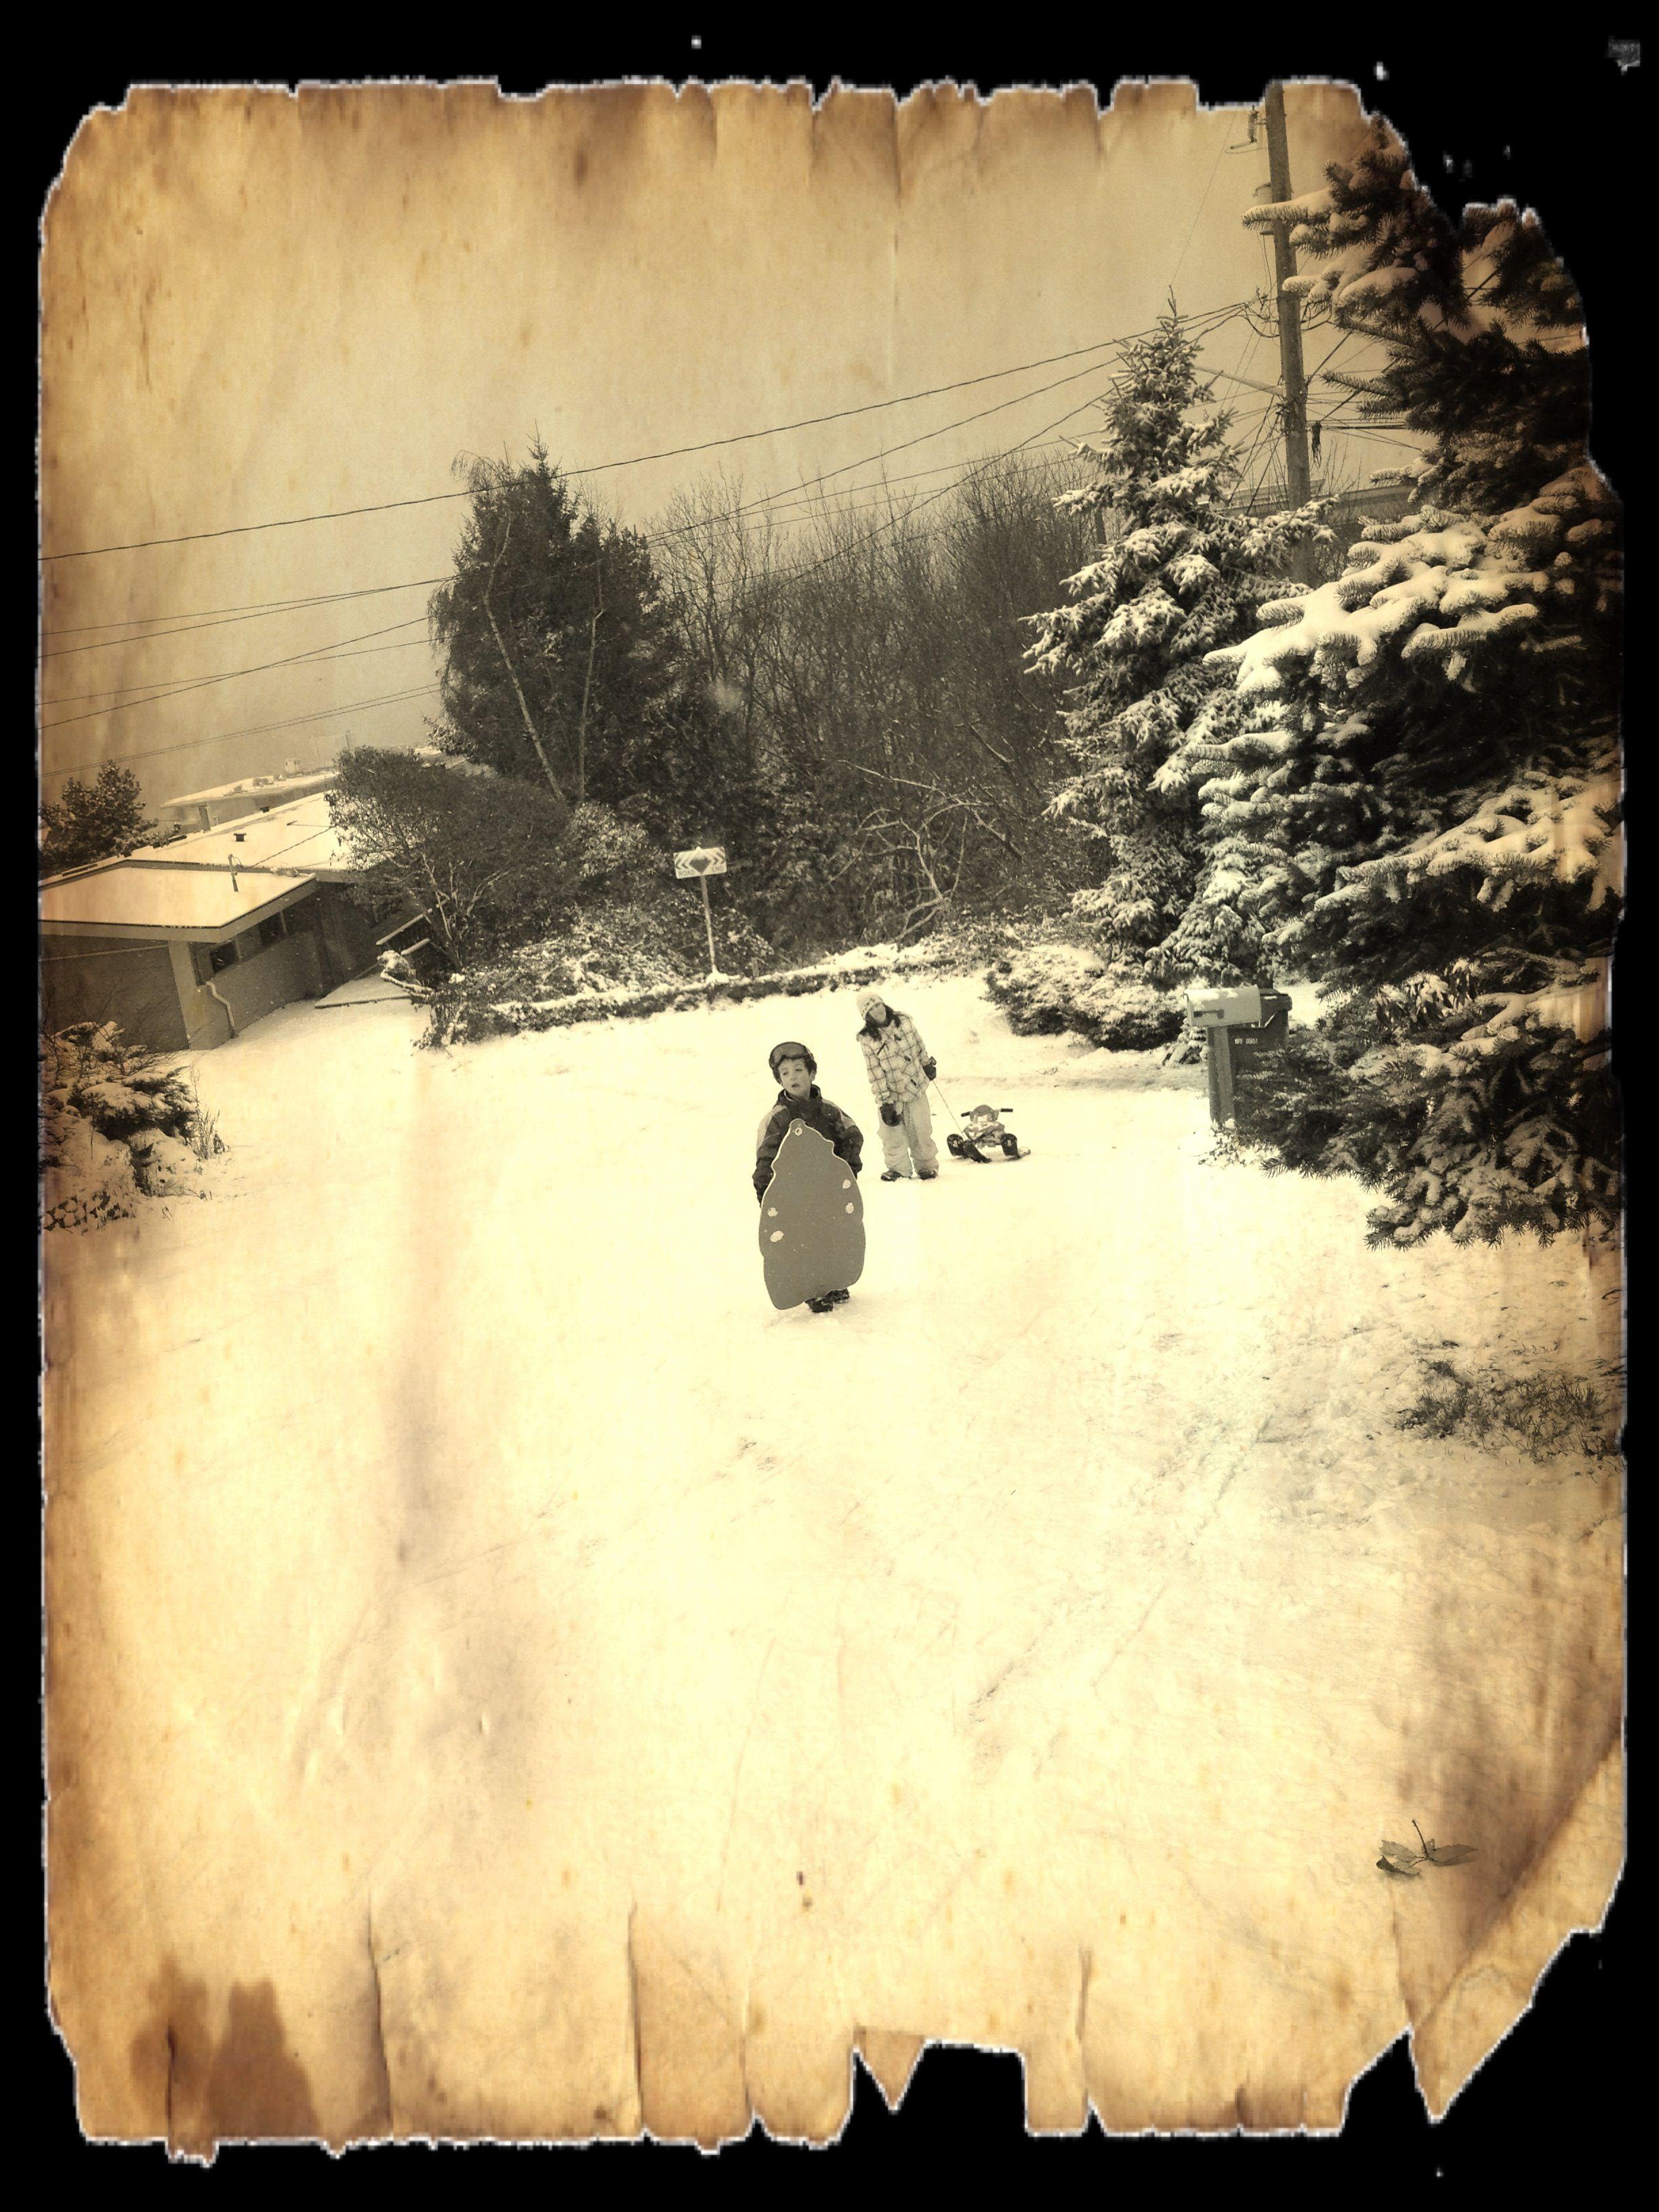 snowbound in seattle